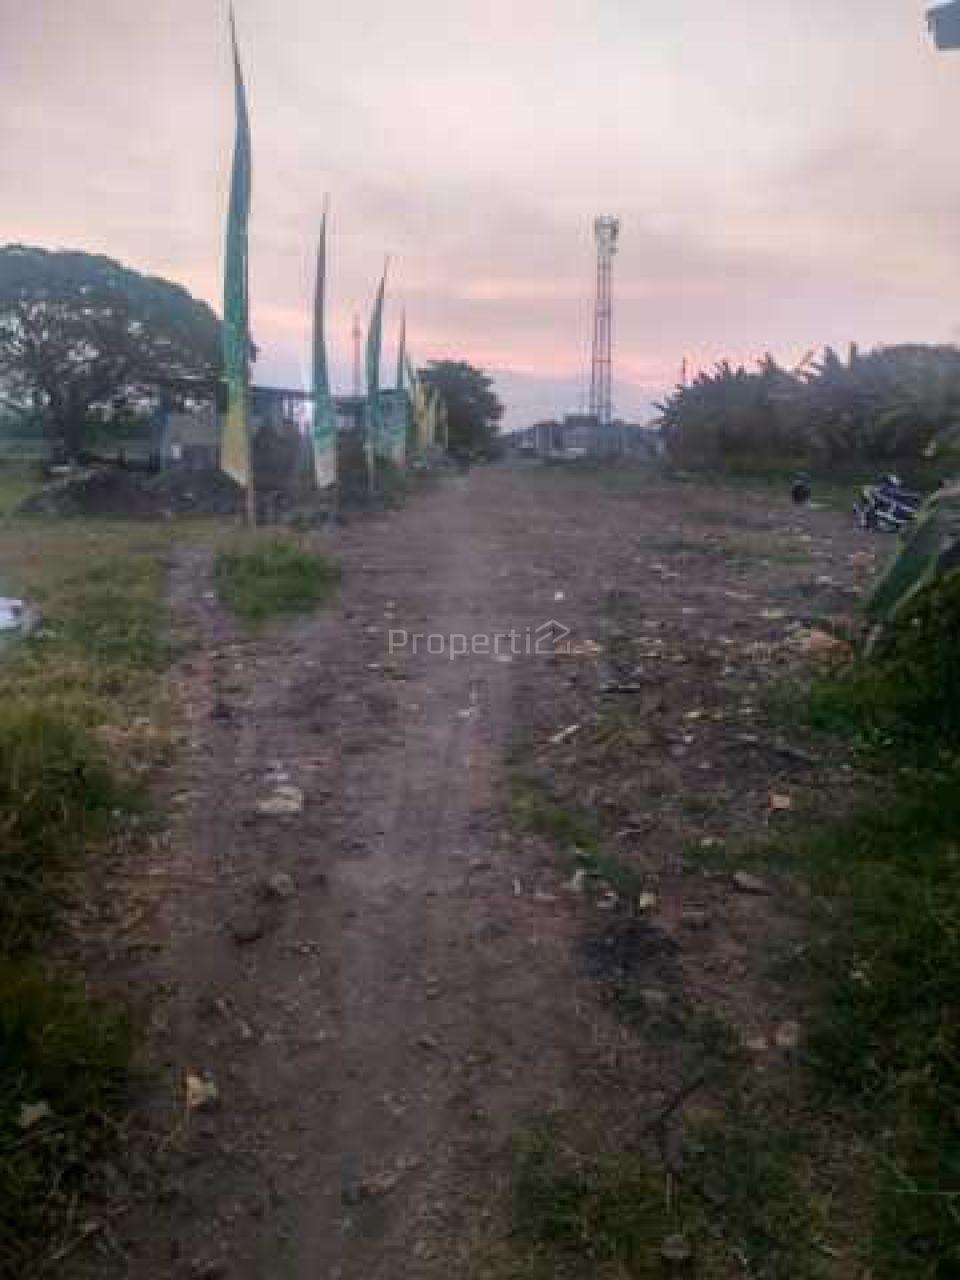 Lahan 4 Ha Strategis Sebelah Perumahan di Waru, Jawa Timur